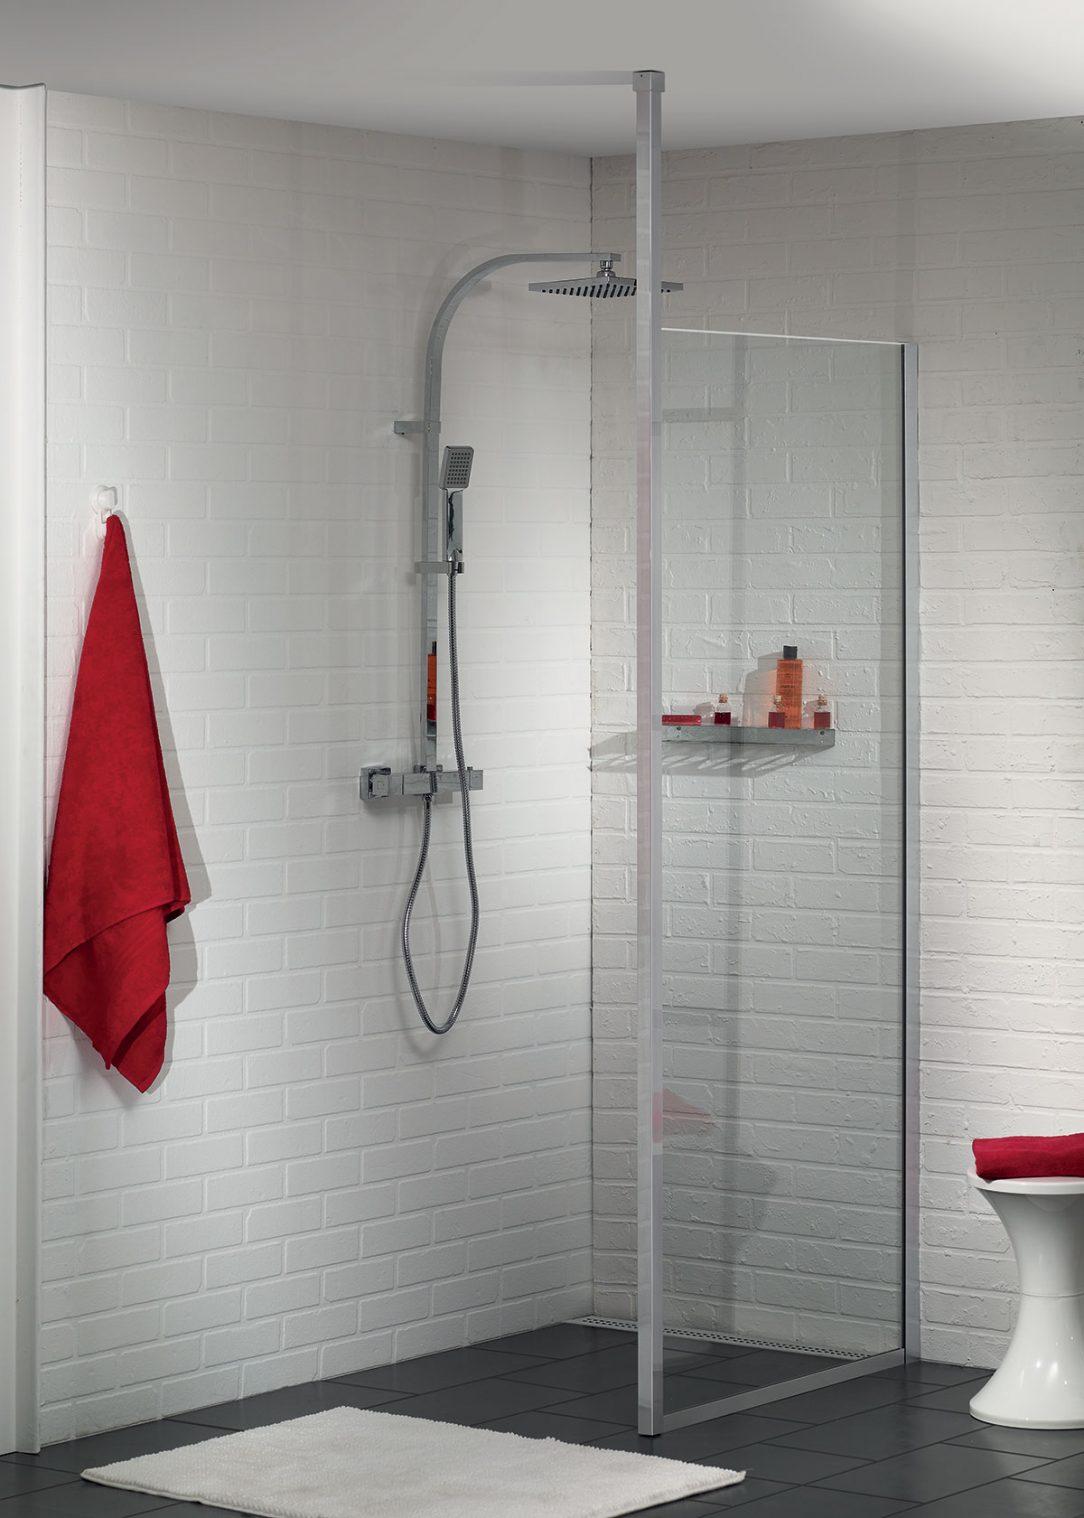 Skleněné sprchové kouty jsou krásné, problém je jen čištění skla a tím se sprchový kout může stát noční můrou každé hospodyňky. Naštěstí je na trhu moderní bezúdržbové sklo, na kterém se nečistoty či stopy po kapkách vody neudržují.